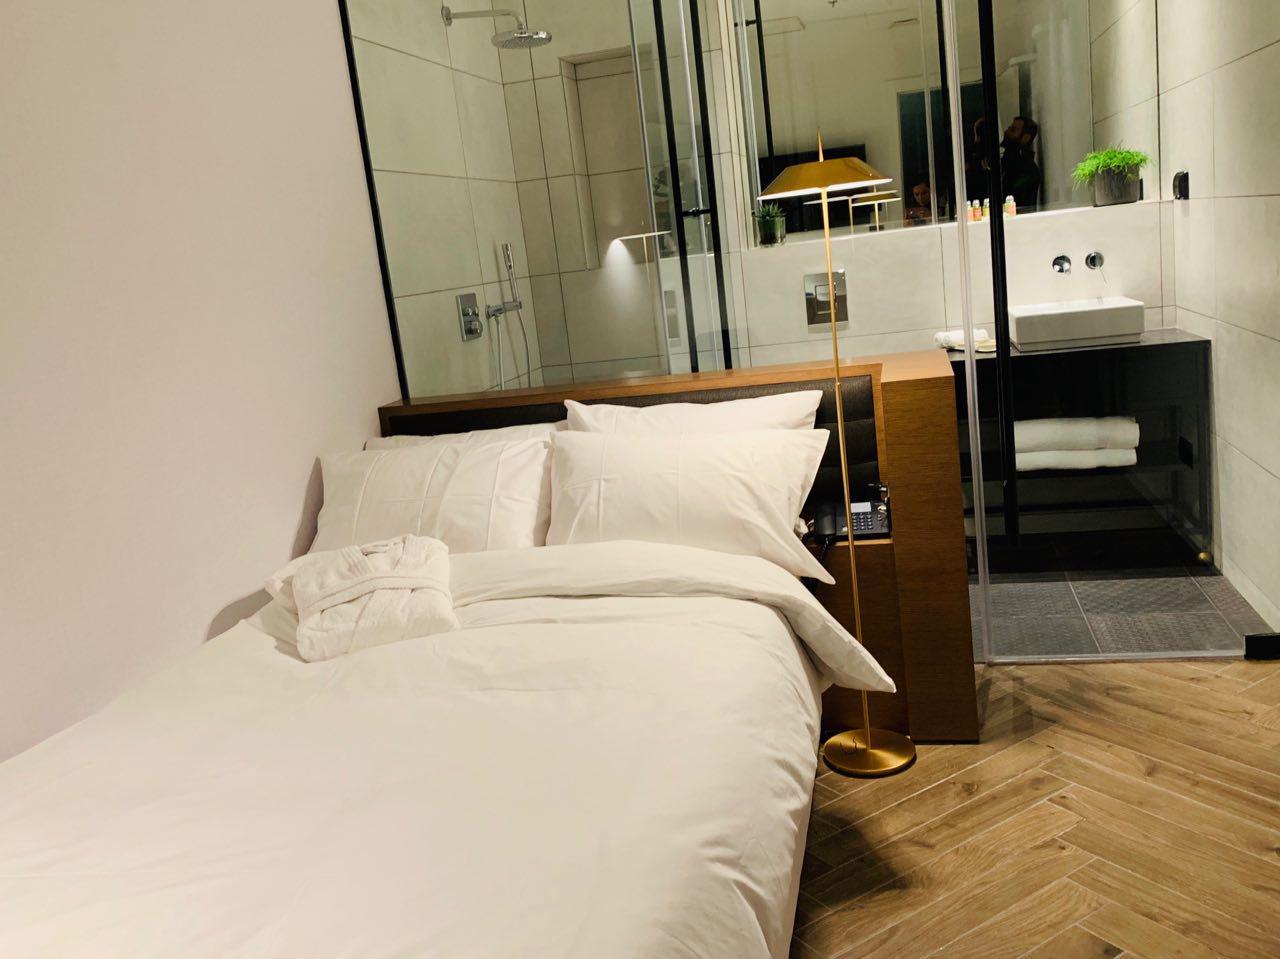 אחד מחדרי השינה הפרטיים ()